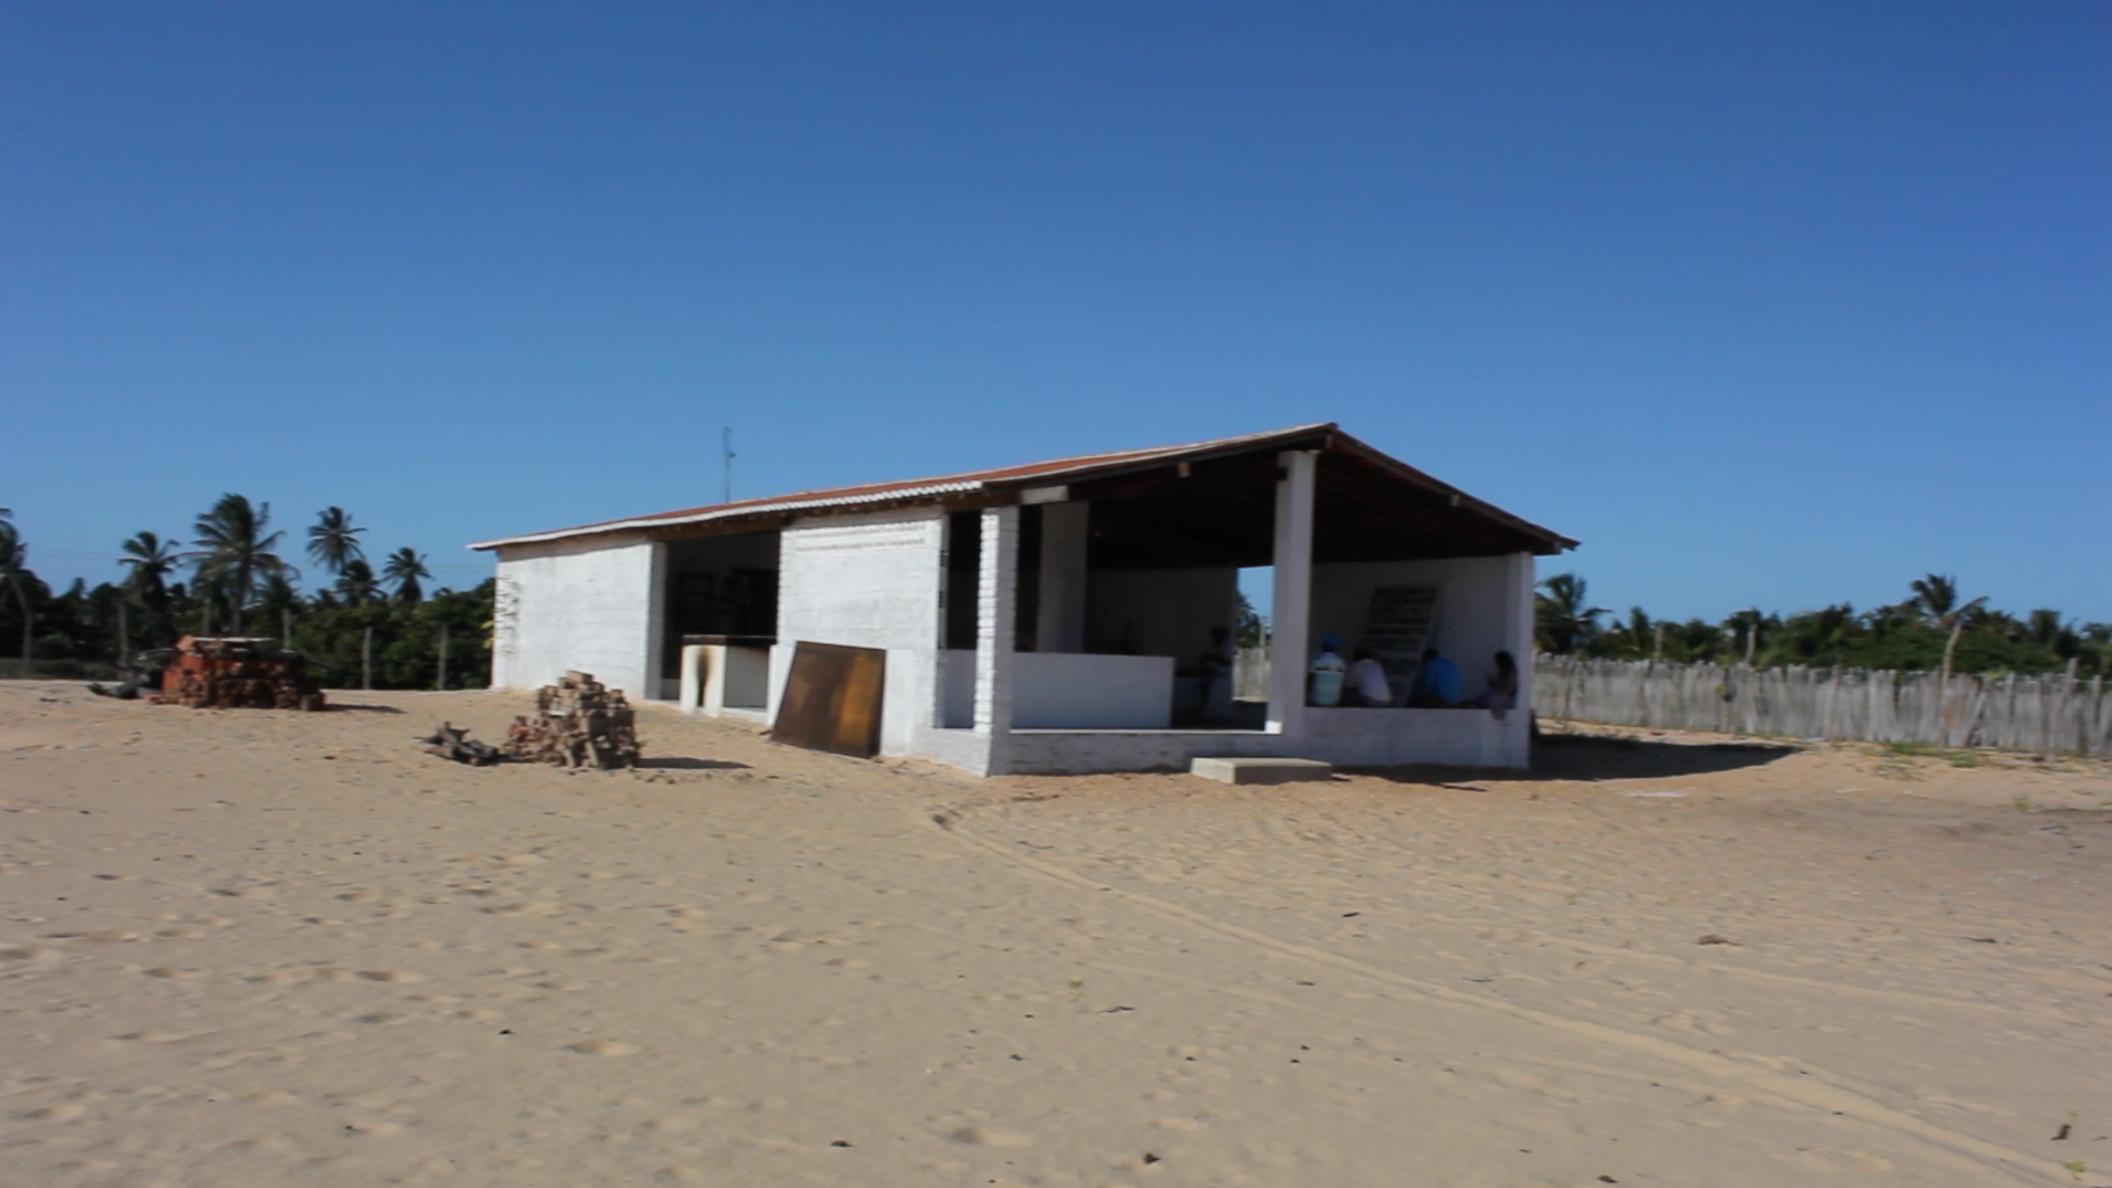 Vista externa da casa de farinha construída pela APAPAIS com apoio do Fundo Socioambiental CASA.